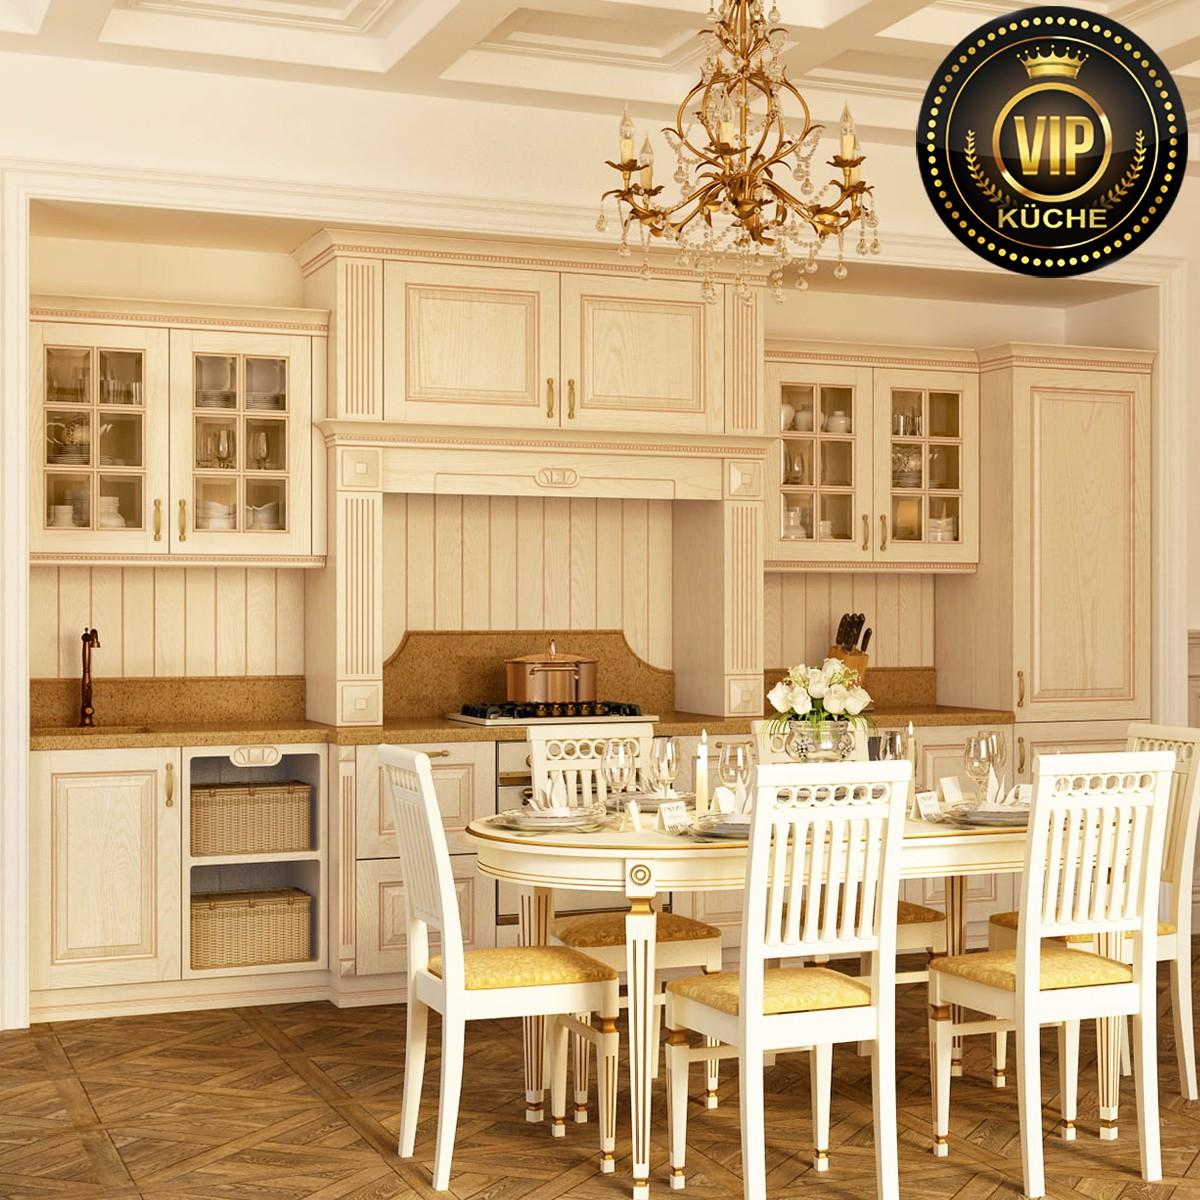 Küche Landhausstil Wandfarbe Bilder Für Die Weiß Blau Deko